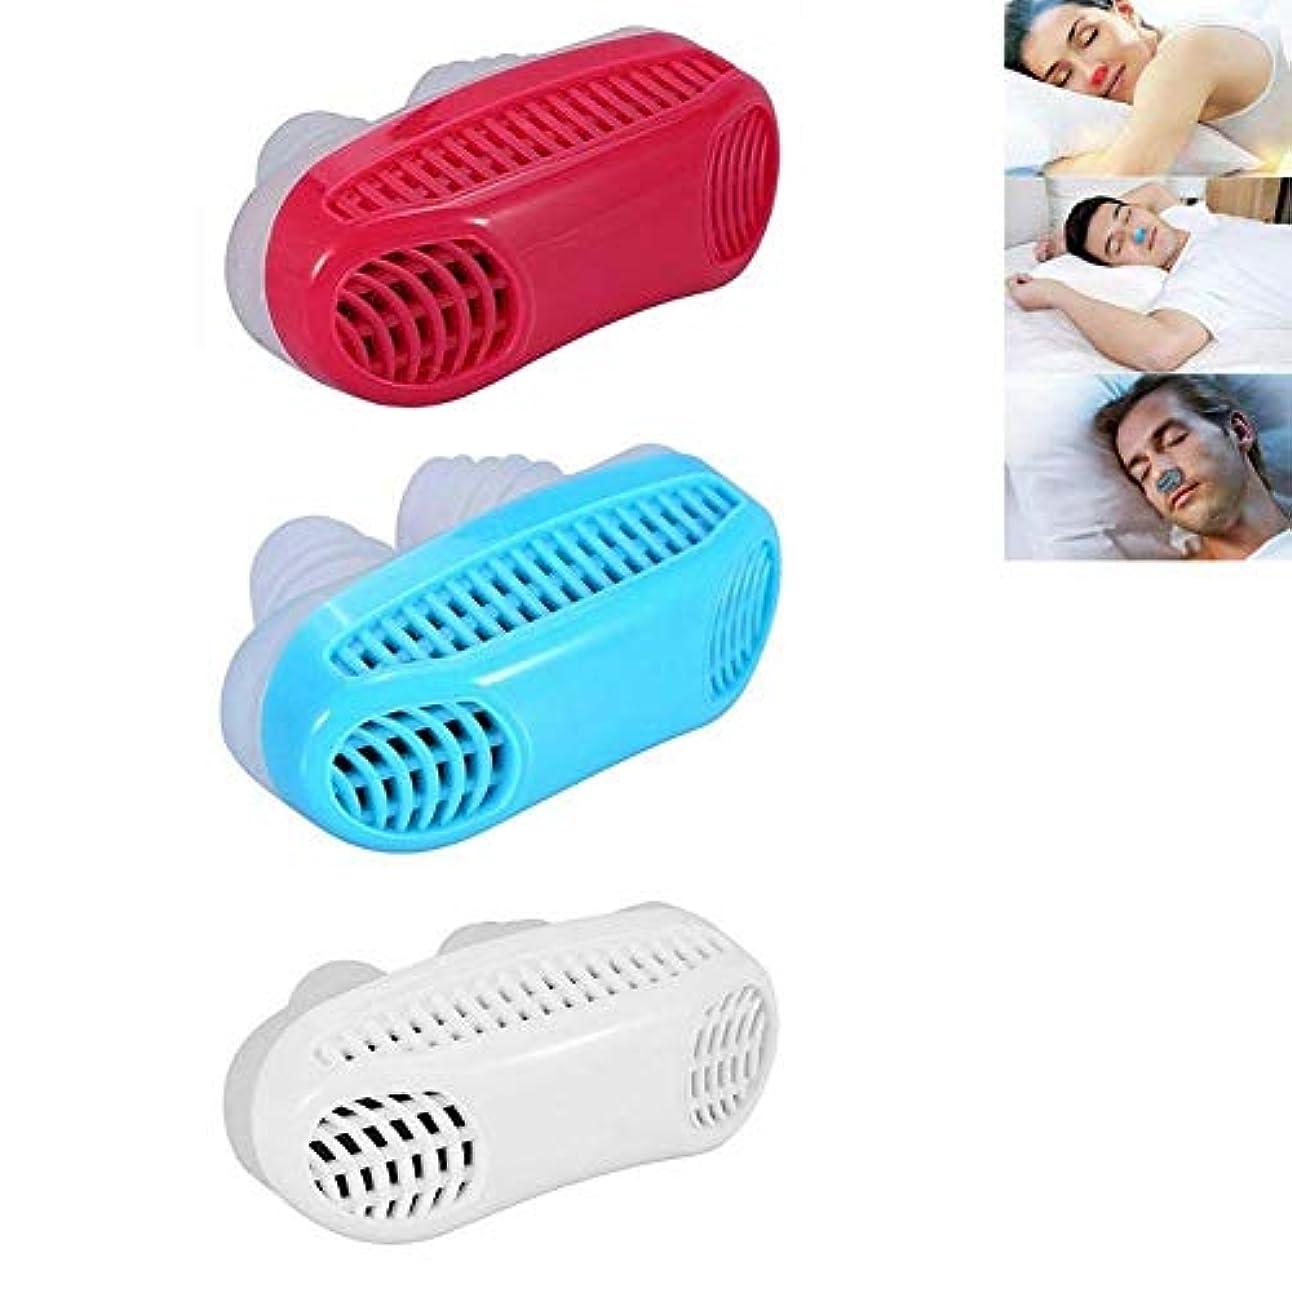 ホラー芸術的まっすぐにする3ピース安全ないびきエイズポータブルシリコーン抗いびき空気清浄機鼻いびきストップクリップ2-in-1健康睡眠ツール